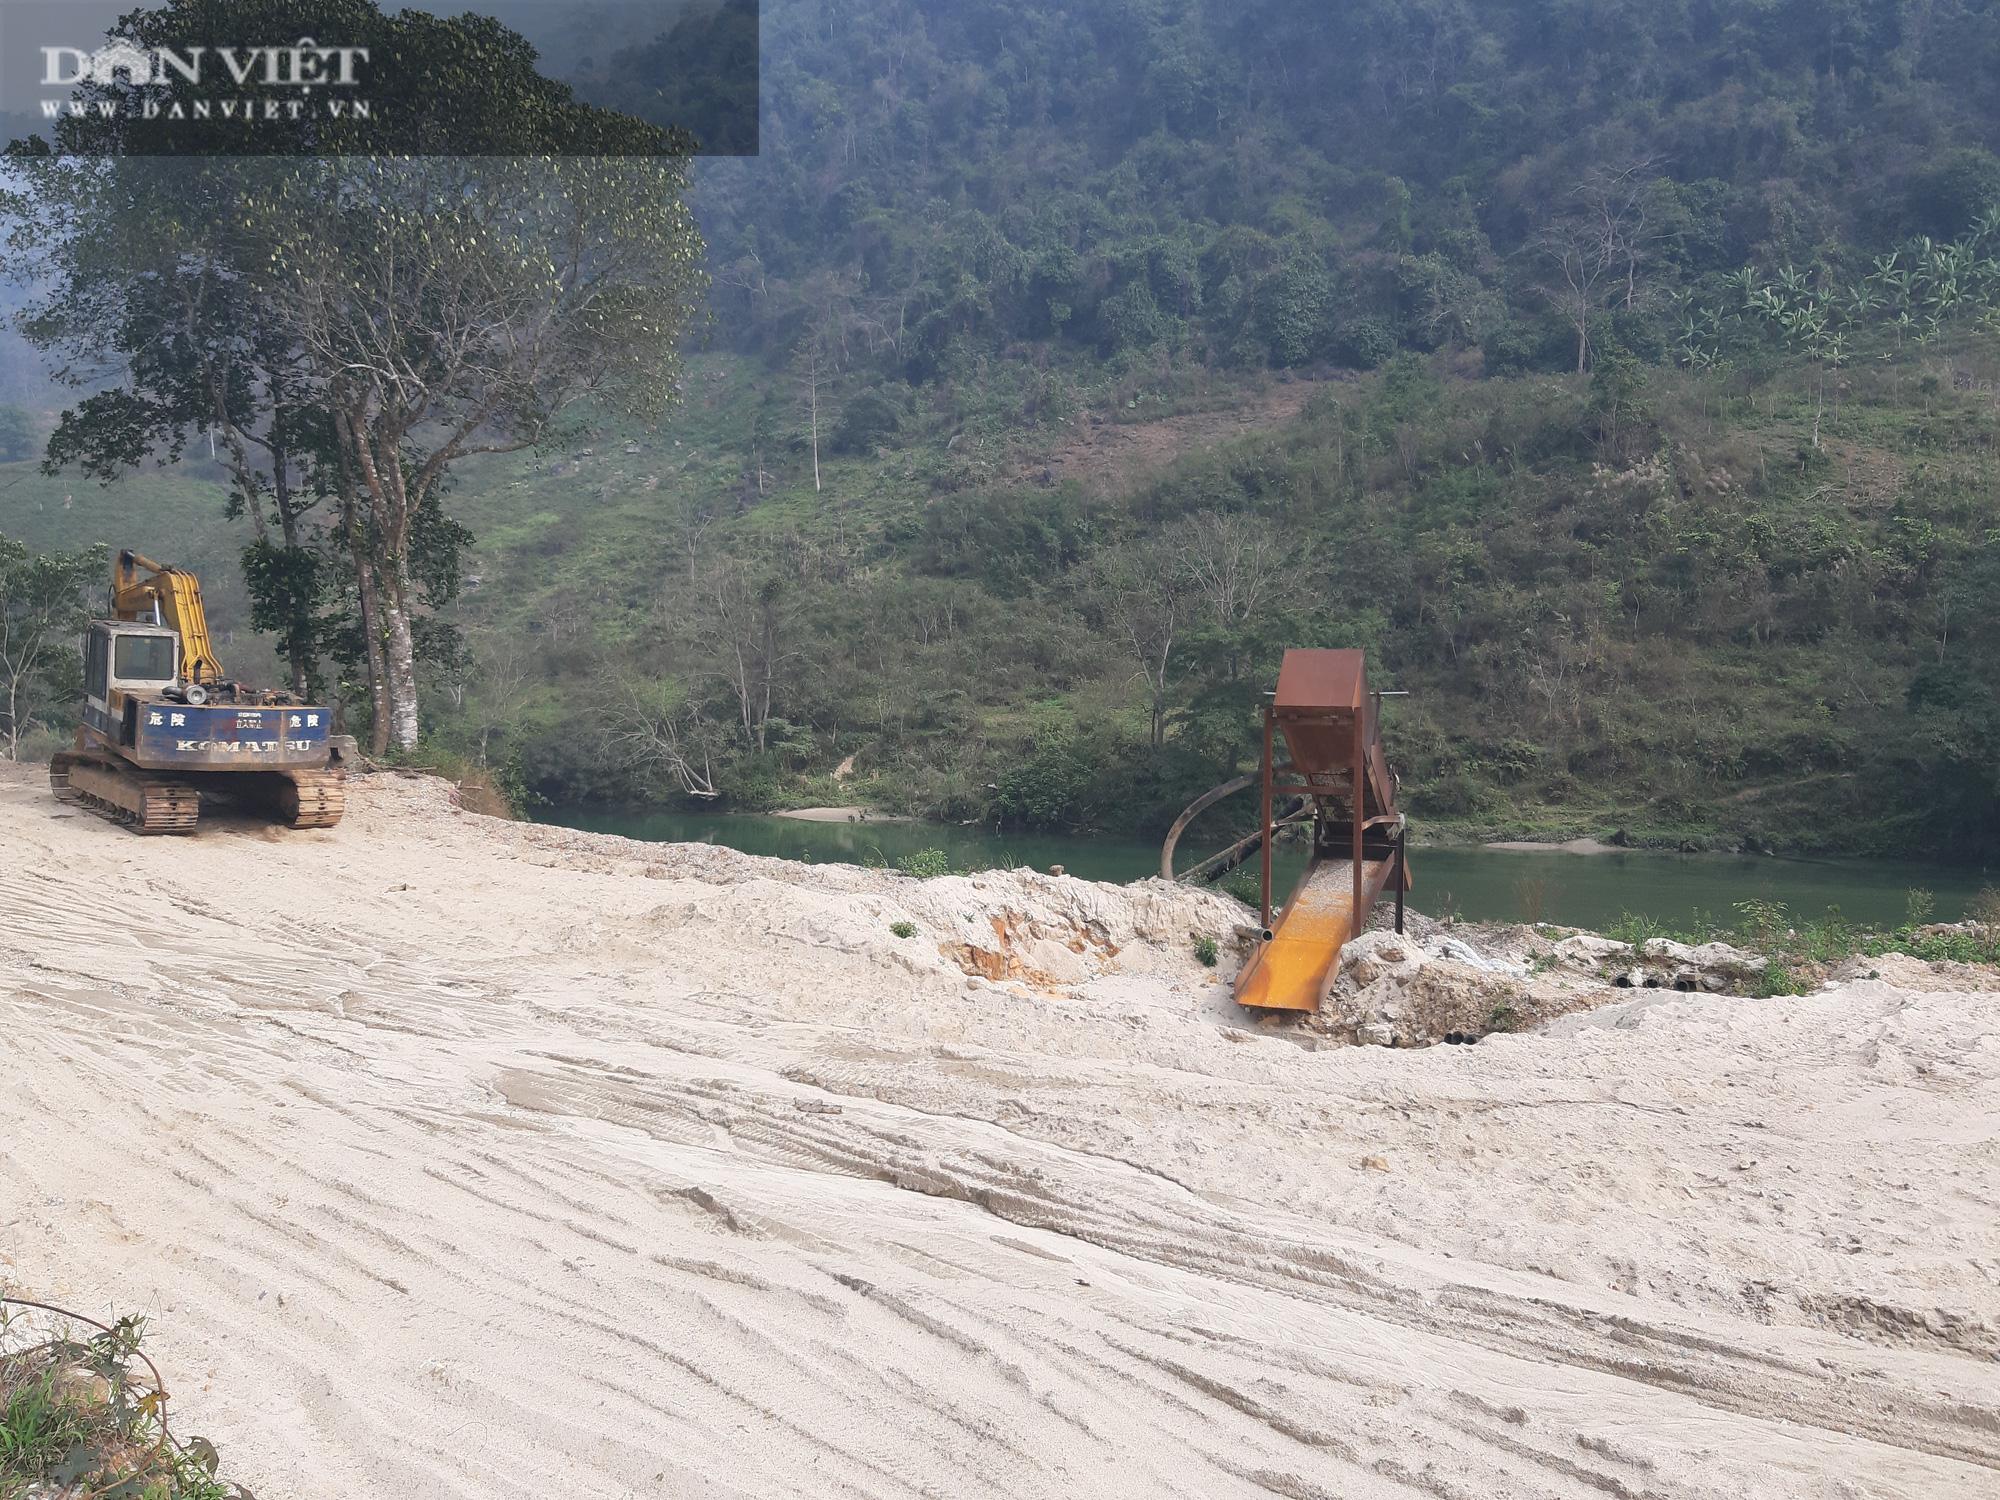 """""""Tảng băng chìm"""" quản lý khai thác cát ở sông Lô (Bài 2): Núp bóng """"Chương trình quốc gia"""" để khai thác cát trái phép - Ảnh 8."""